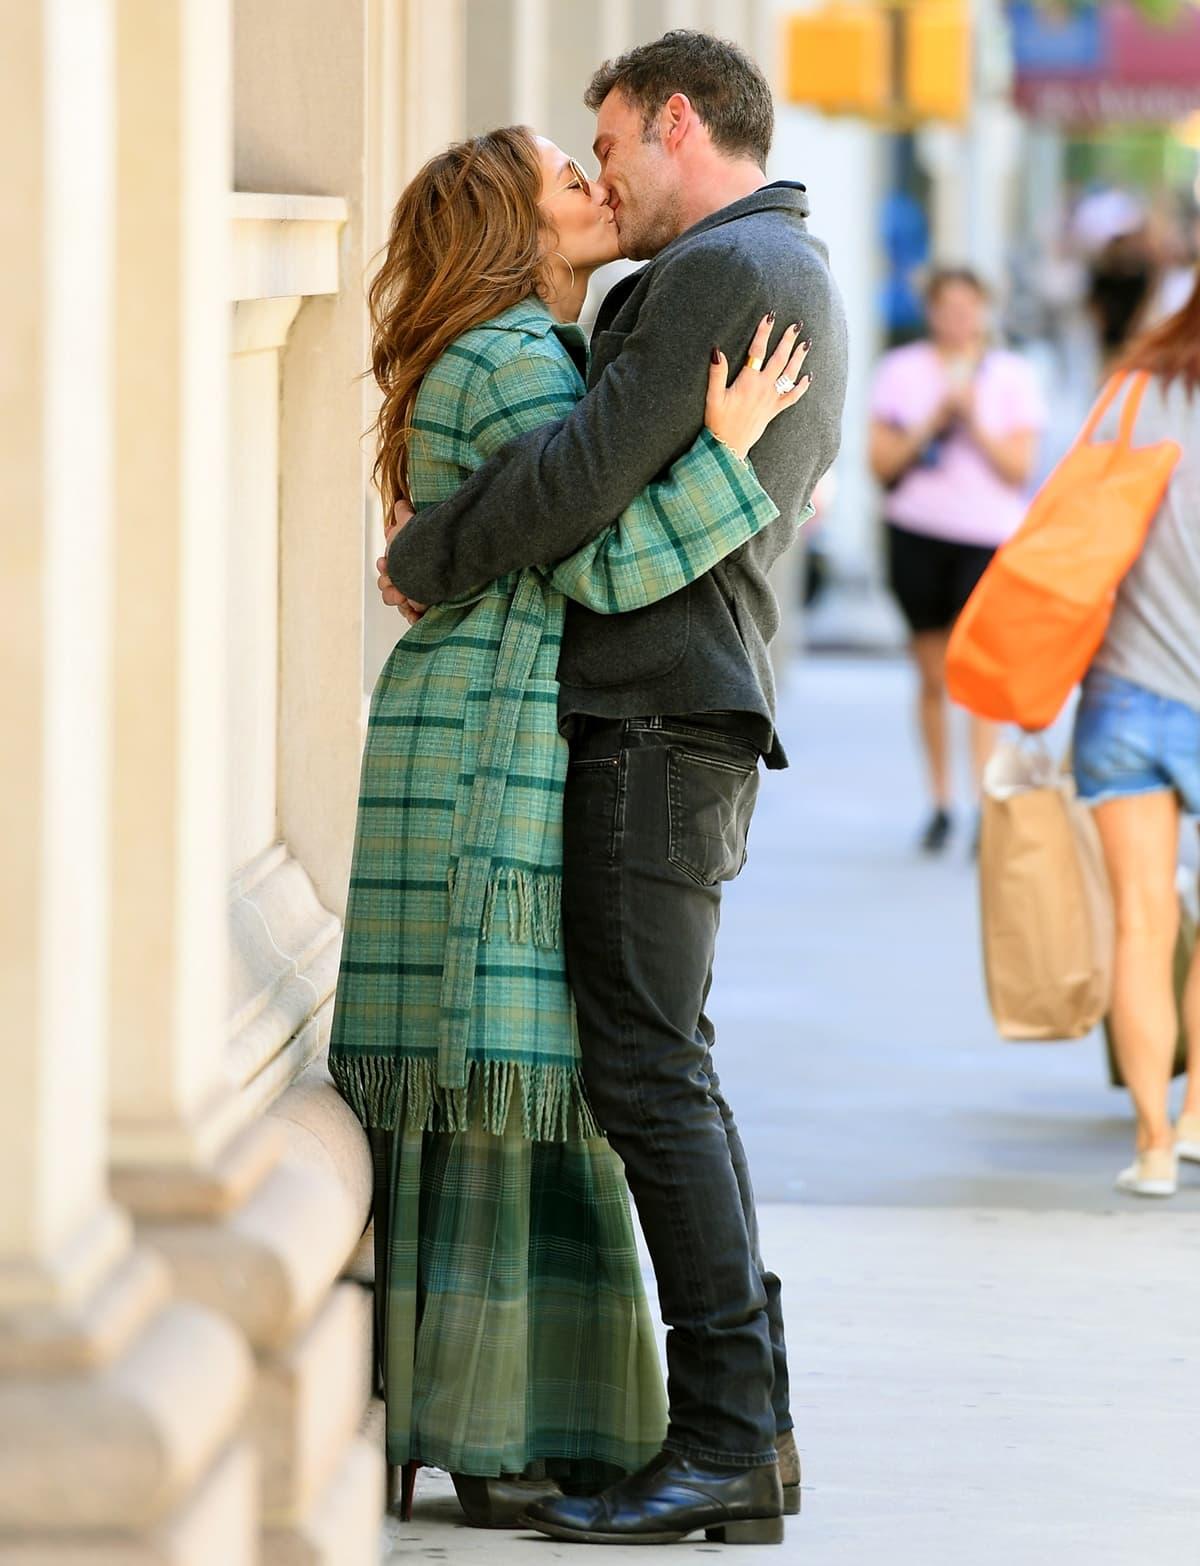 Jennifer Lopez and Ben Affleck make out on the sidewalk